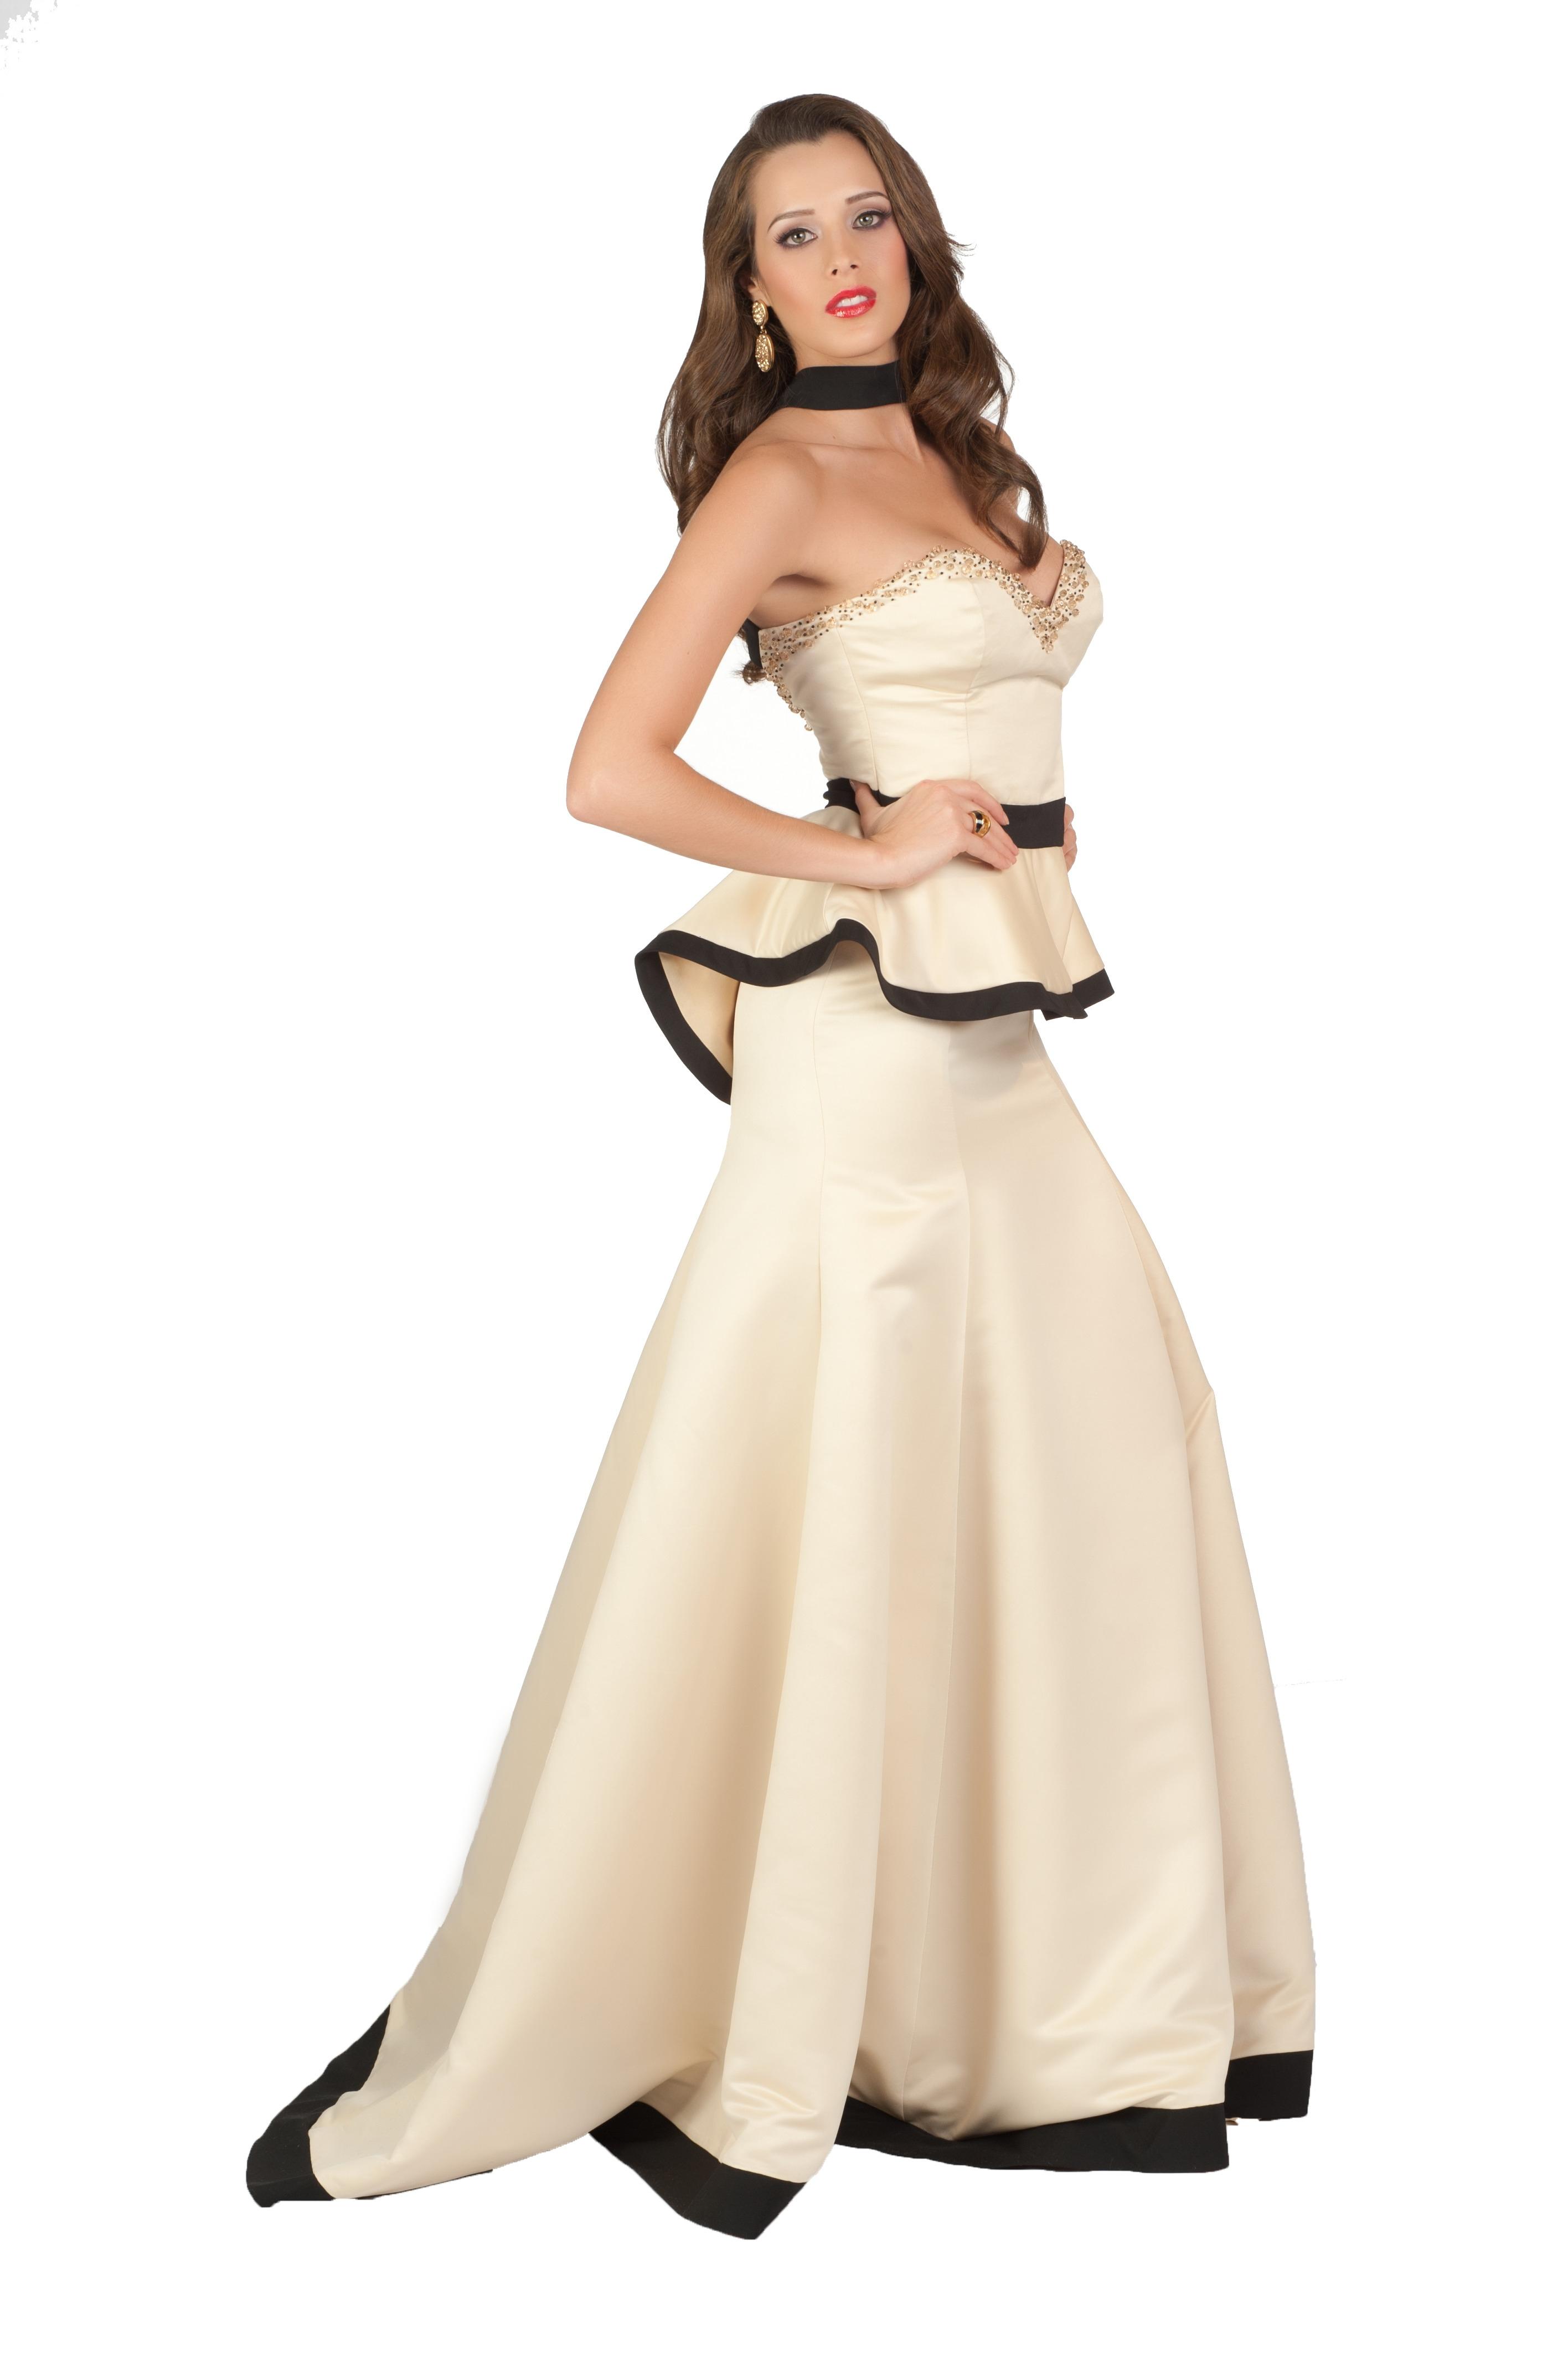 Эротика с моделями в шикарных вечерних платьях 10 фотография